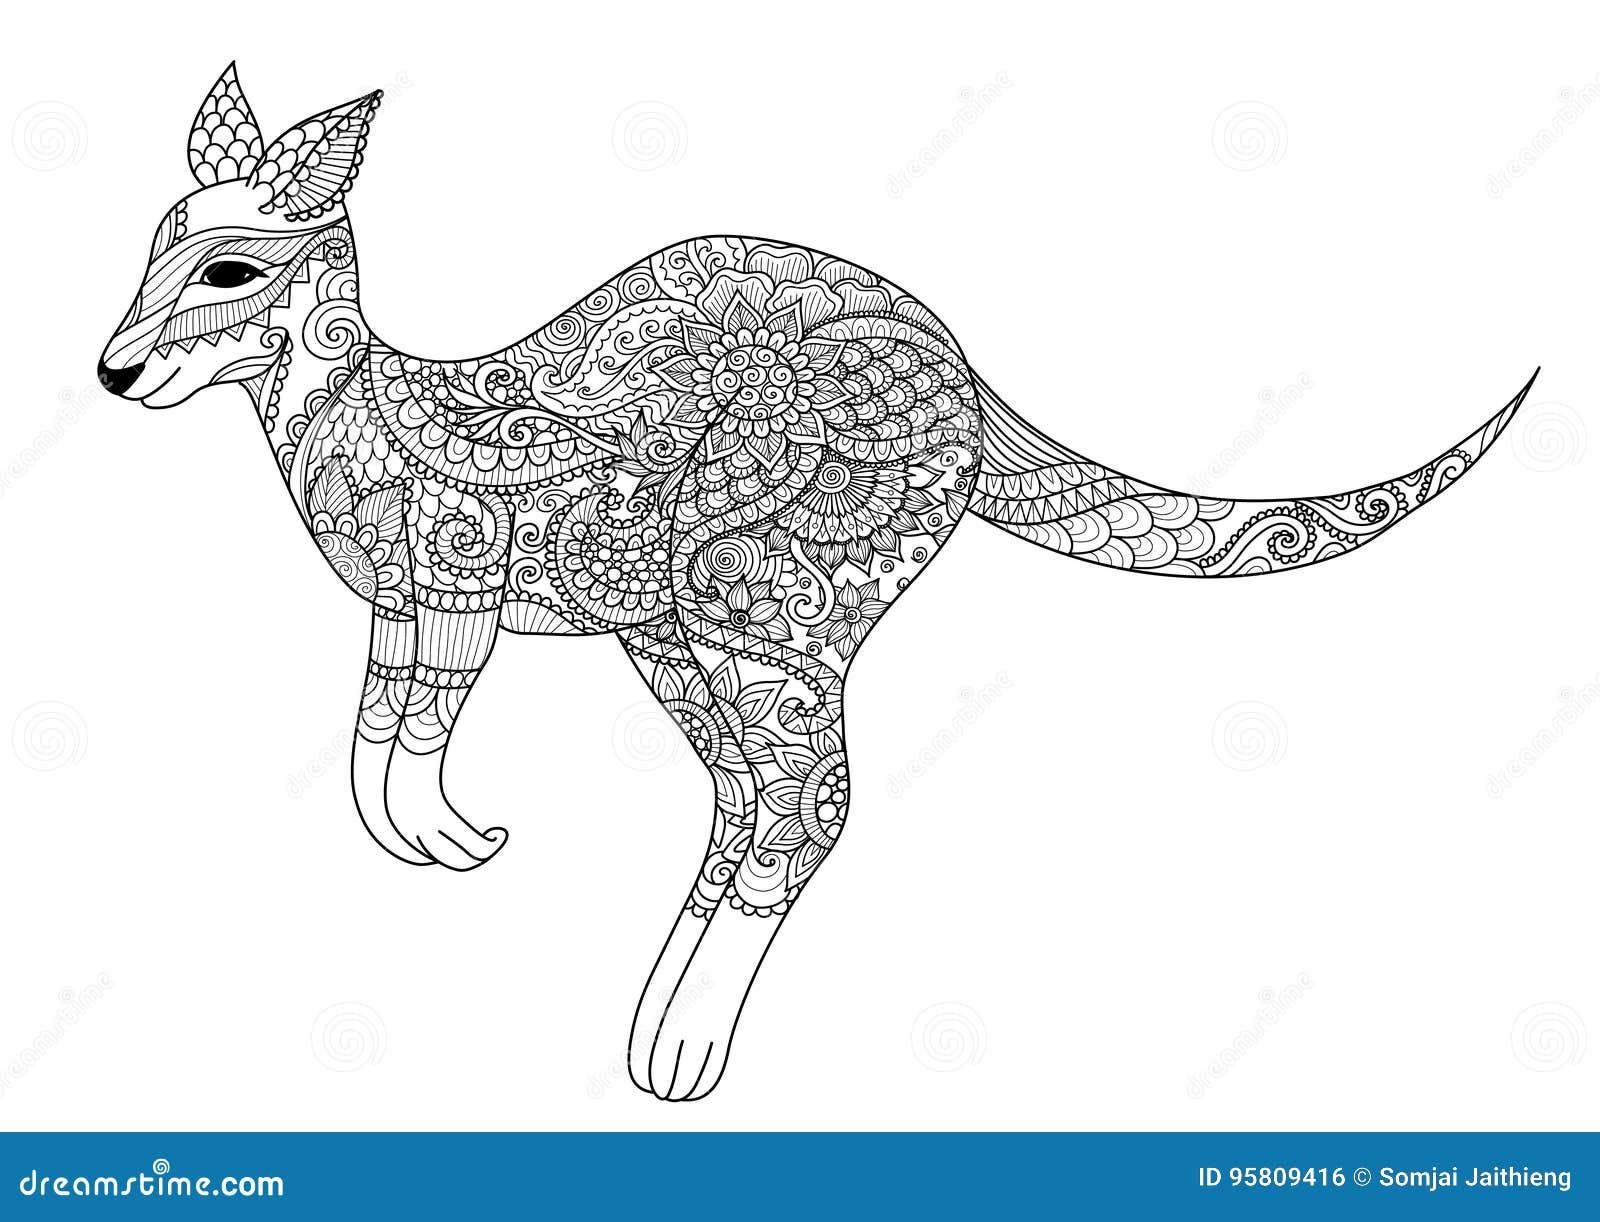 Coloriage Mandala Kangourou.Conception De Zendoodle De Kangourou Sautant Pour L Element De